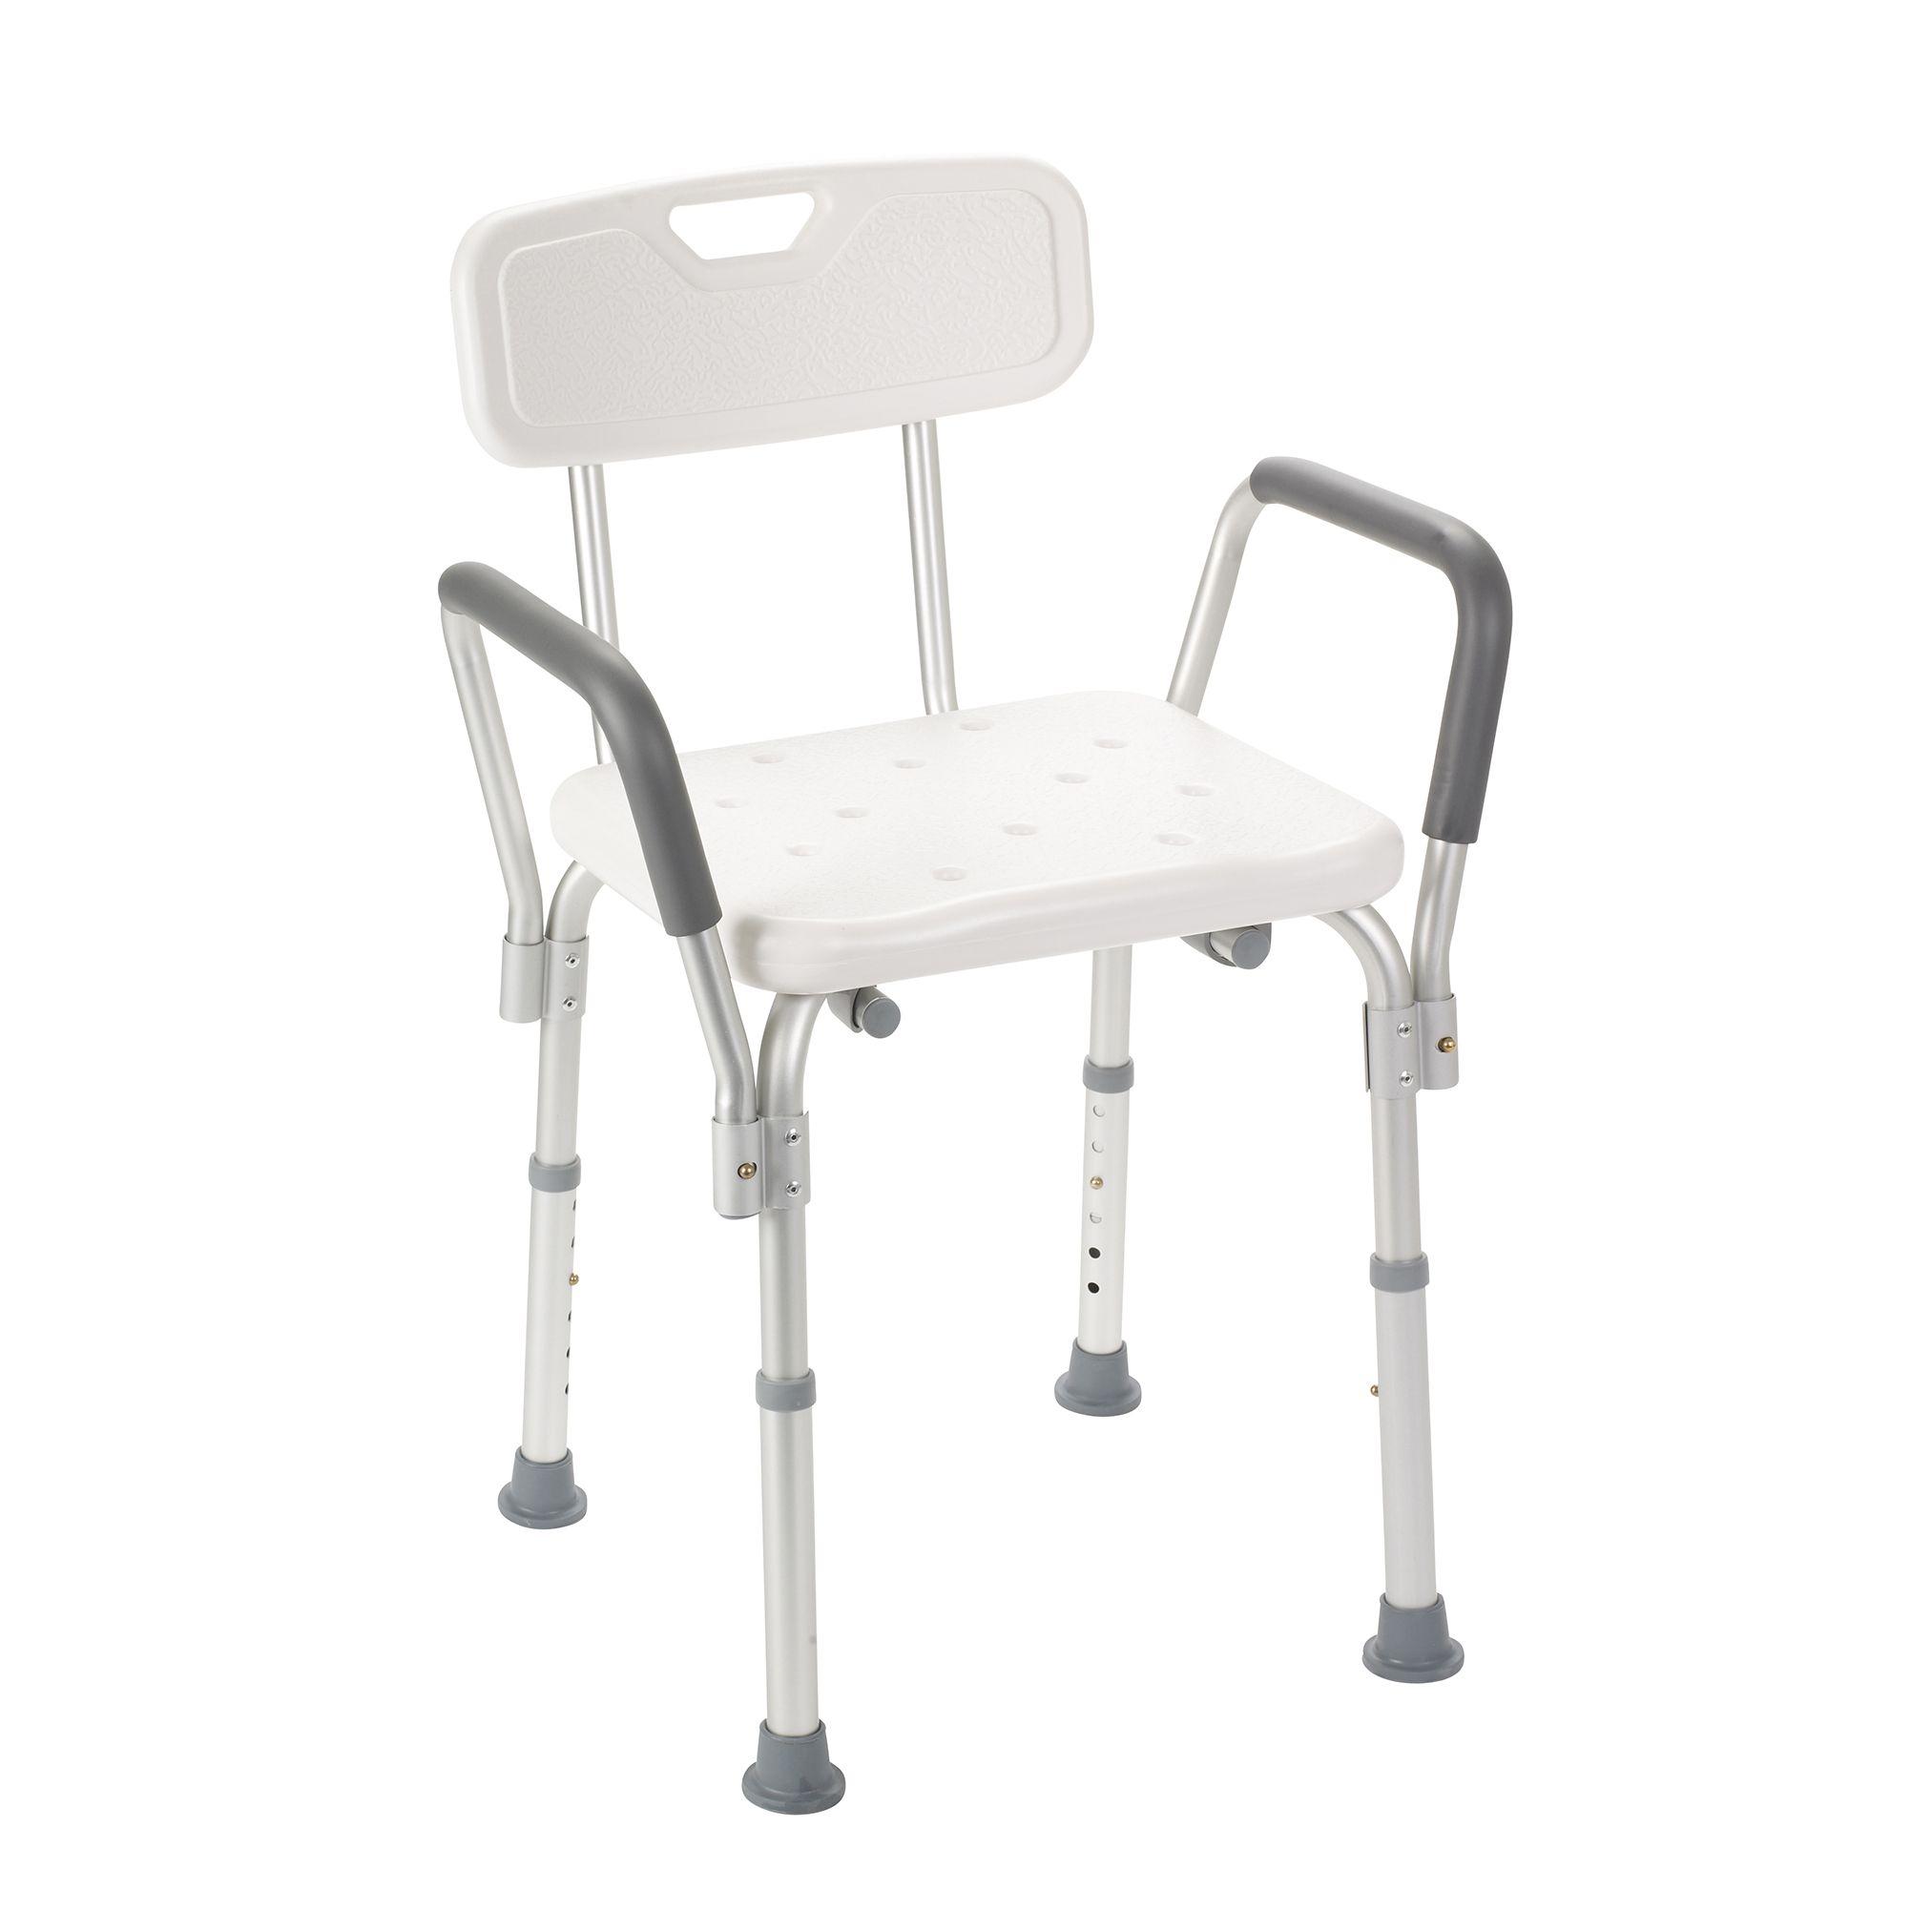 Bath Chair Badewanne Mit Dusche Dusche Stühle